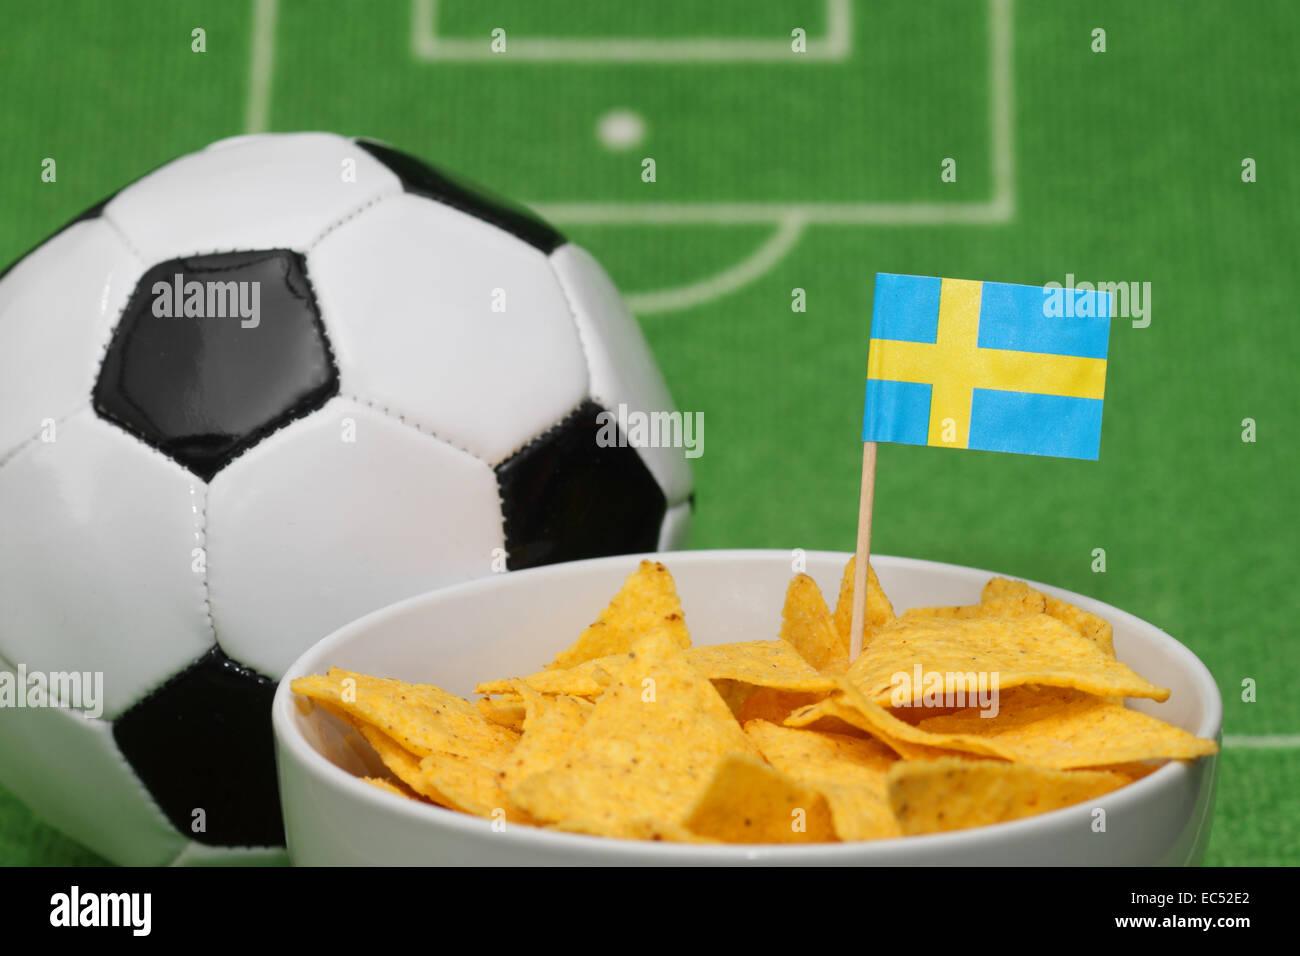 Fussball mit Knabberei - Stock Image